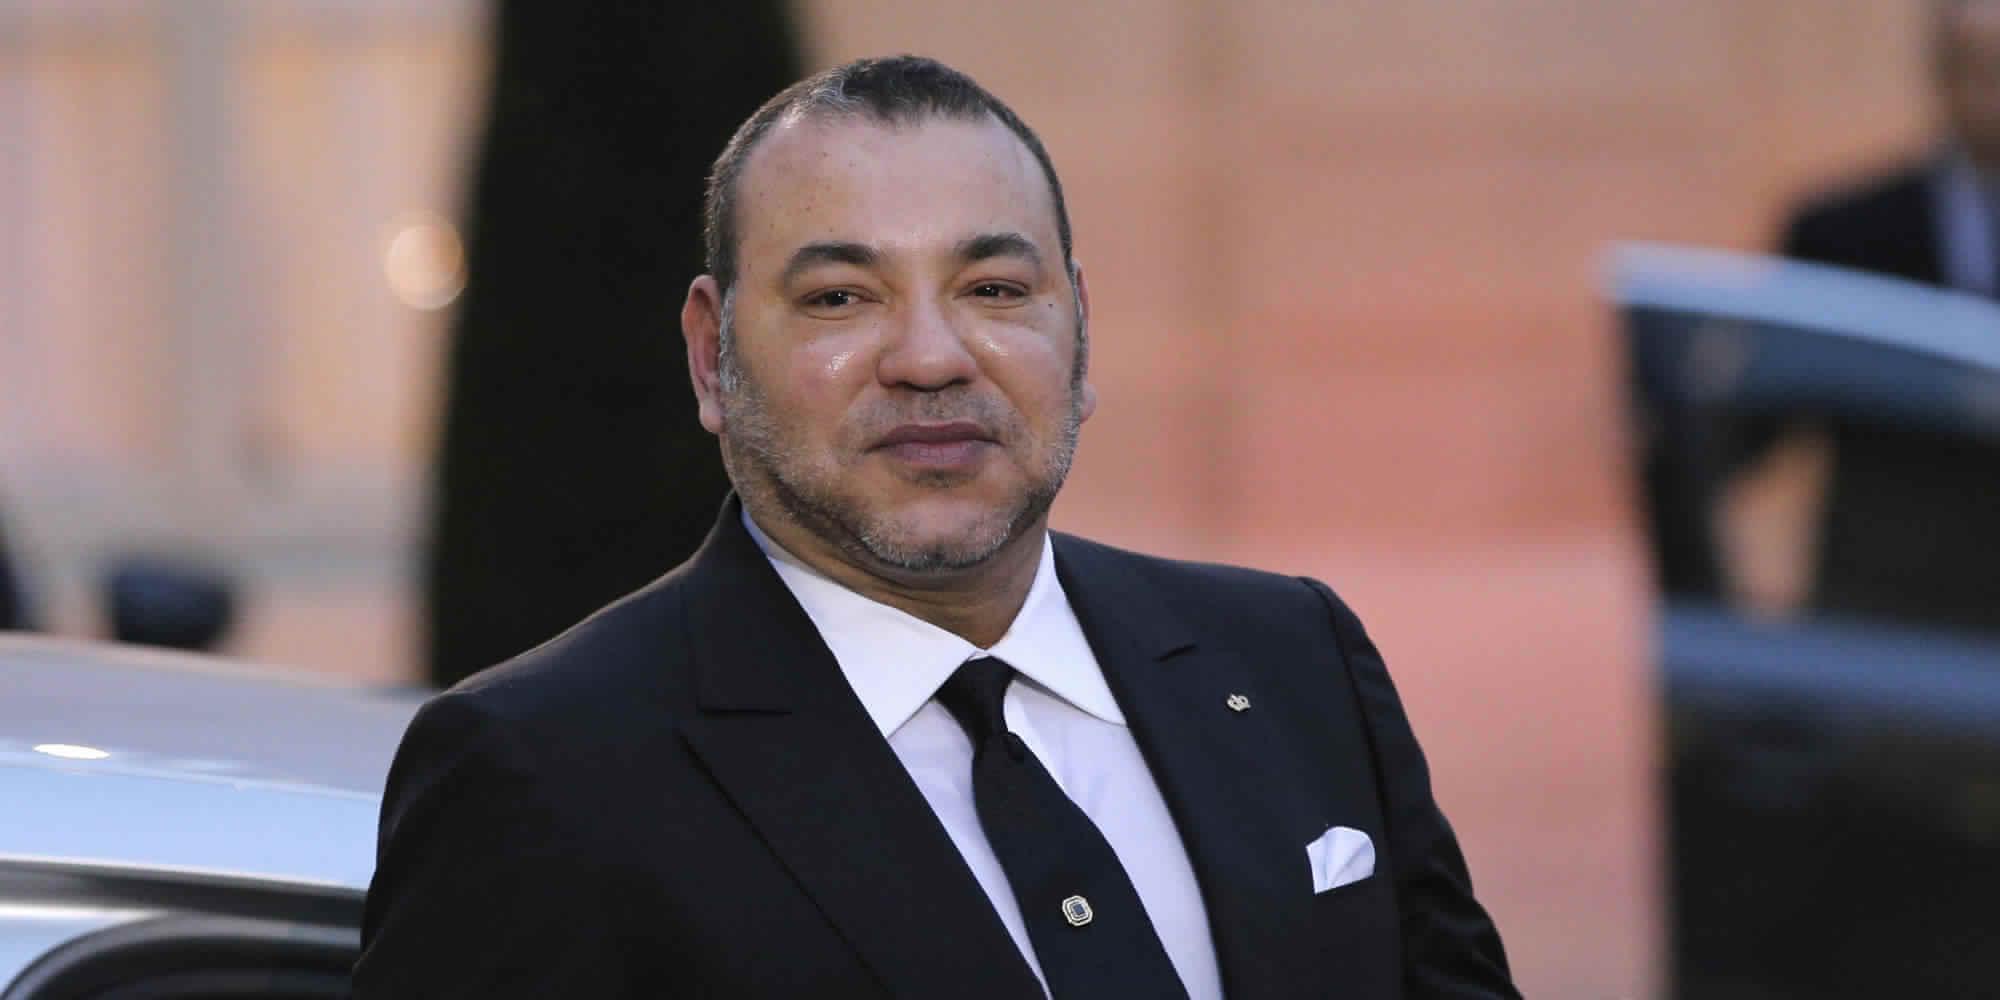 الملك محمد السادس يغادر أرض الوطن في جولة إفريقية